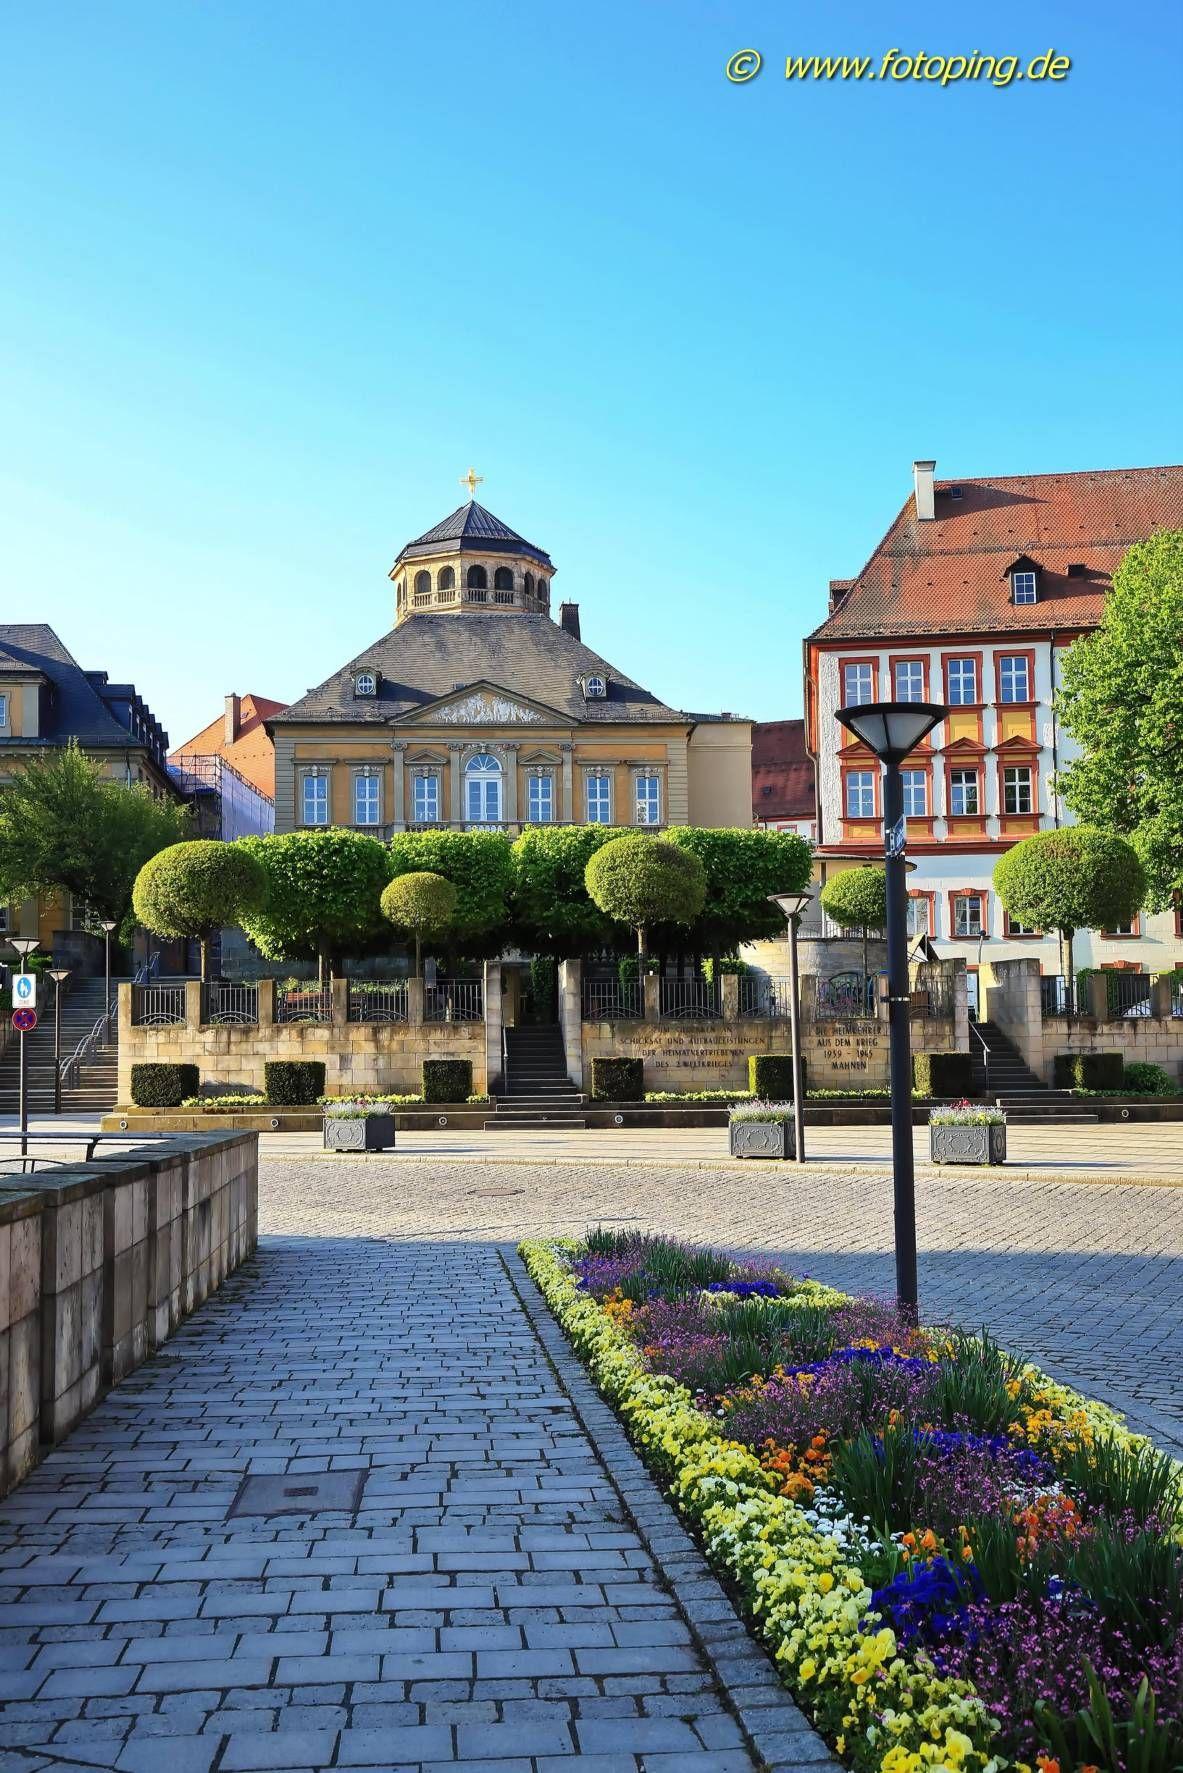 Rathaus Stadt Bayreuth Sehenswurdigkeiten Bayreuth Stadte Reise Stadtereisen